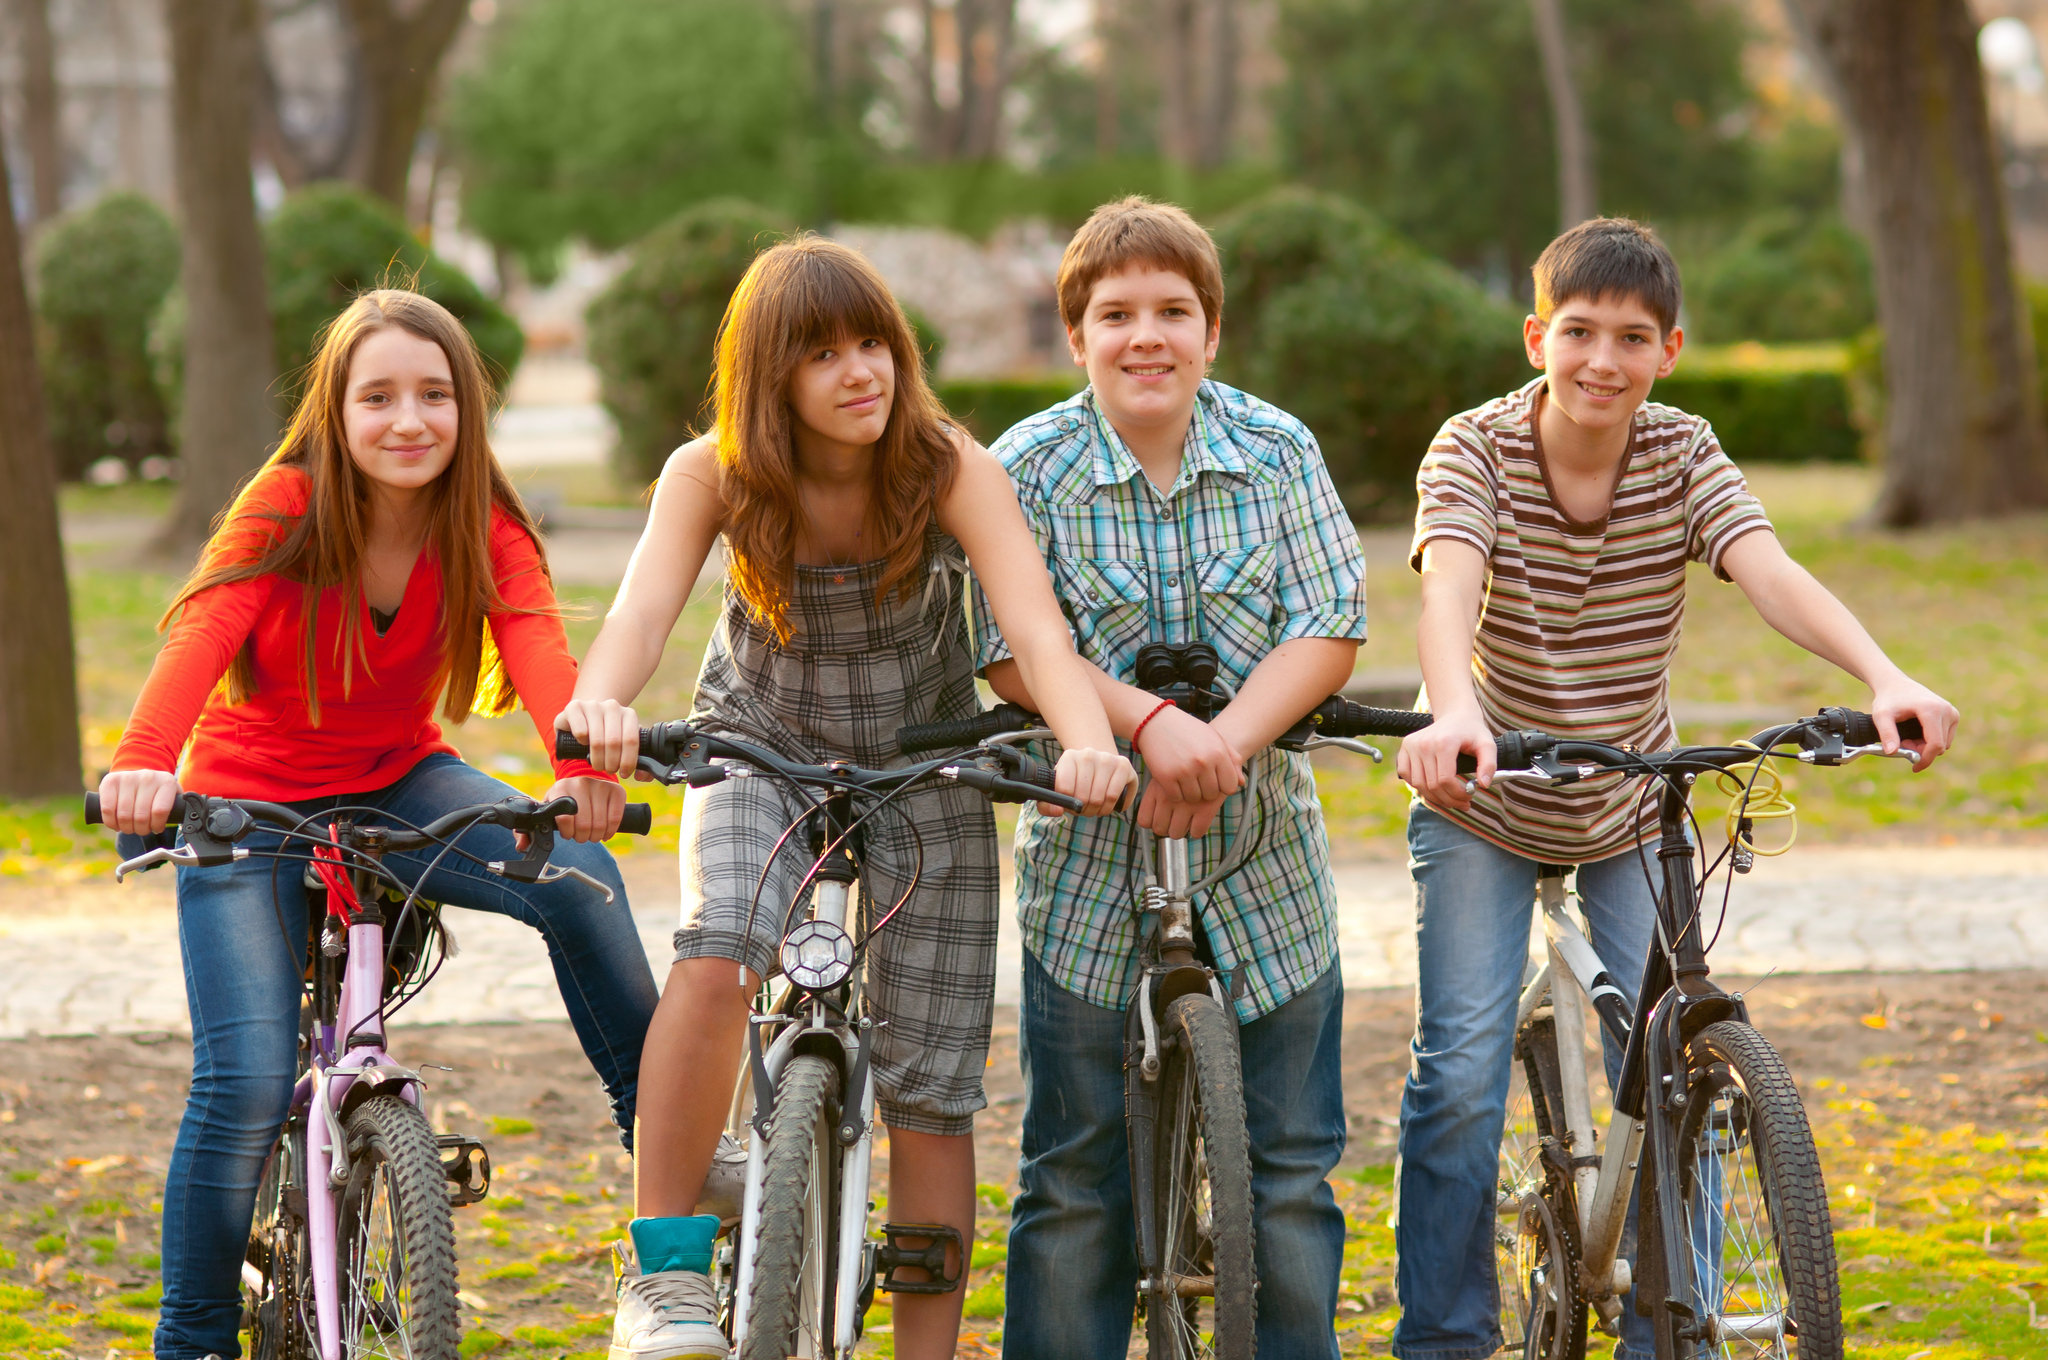 child-socialization-benefits-of-daycare.jpg